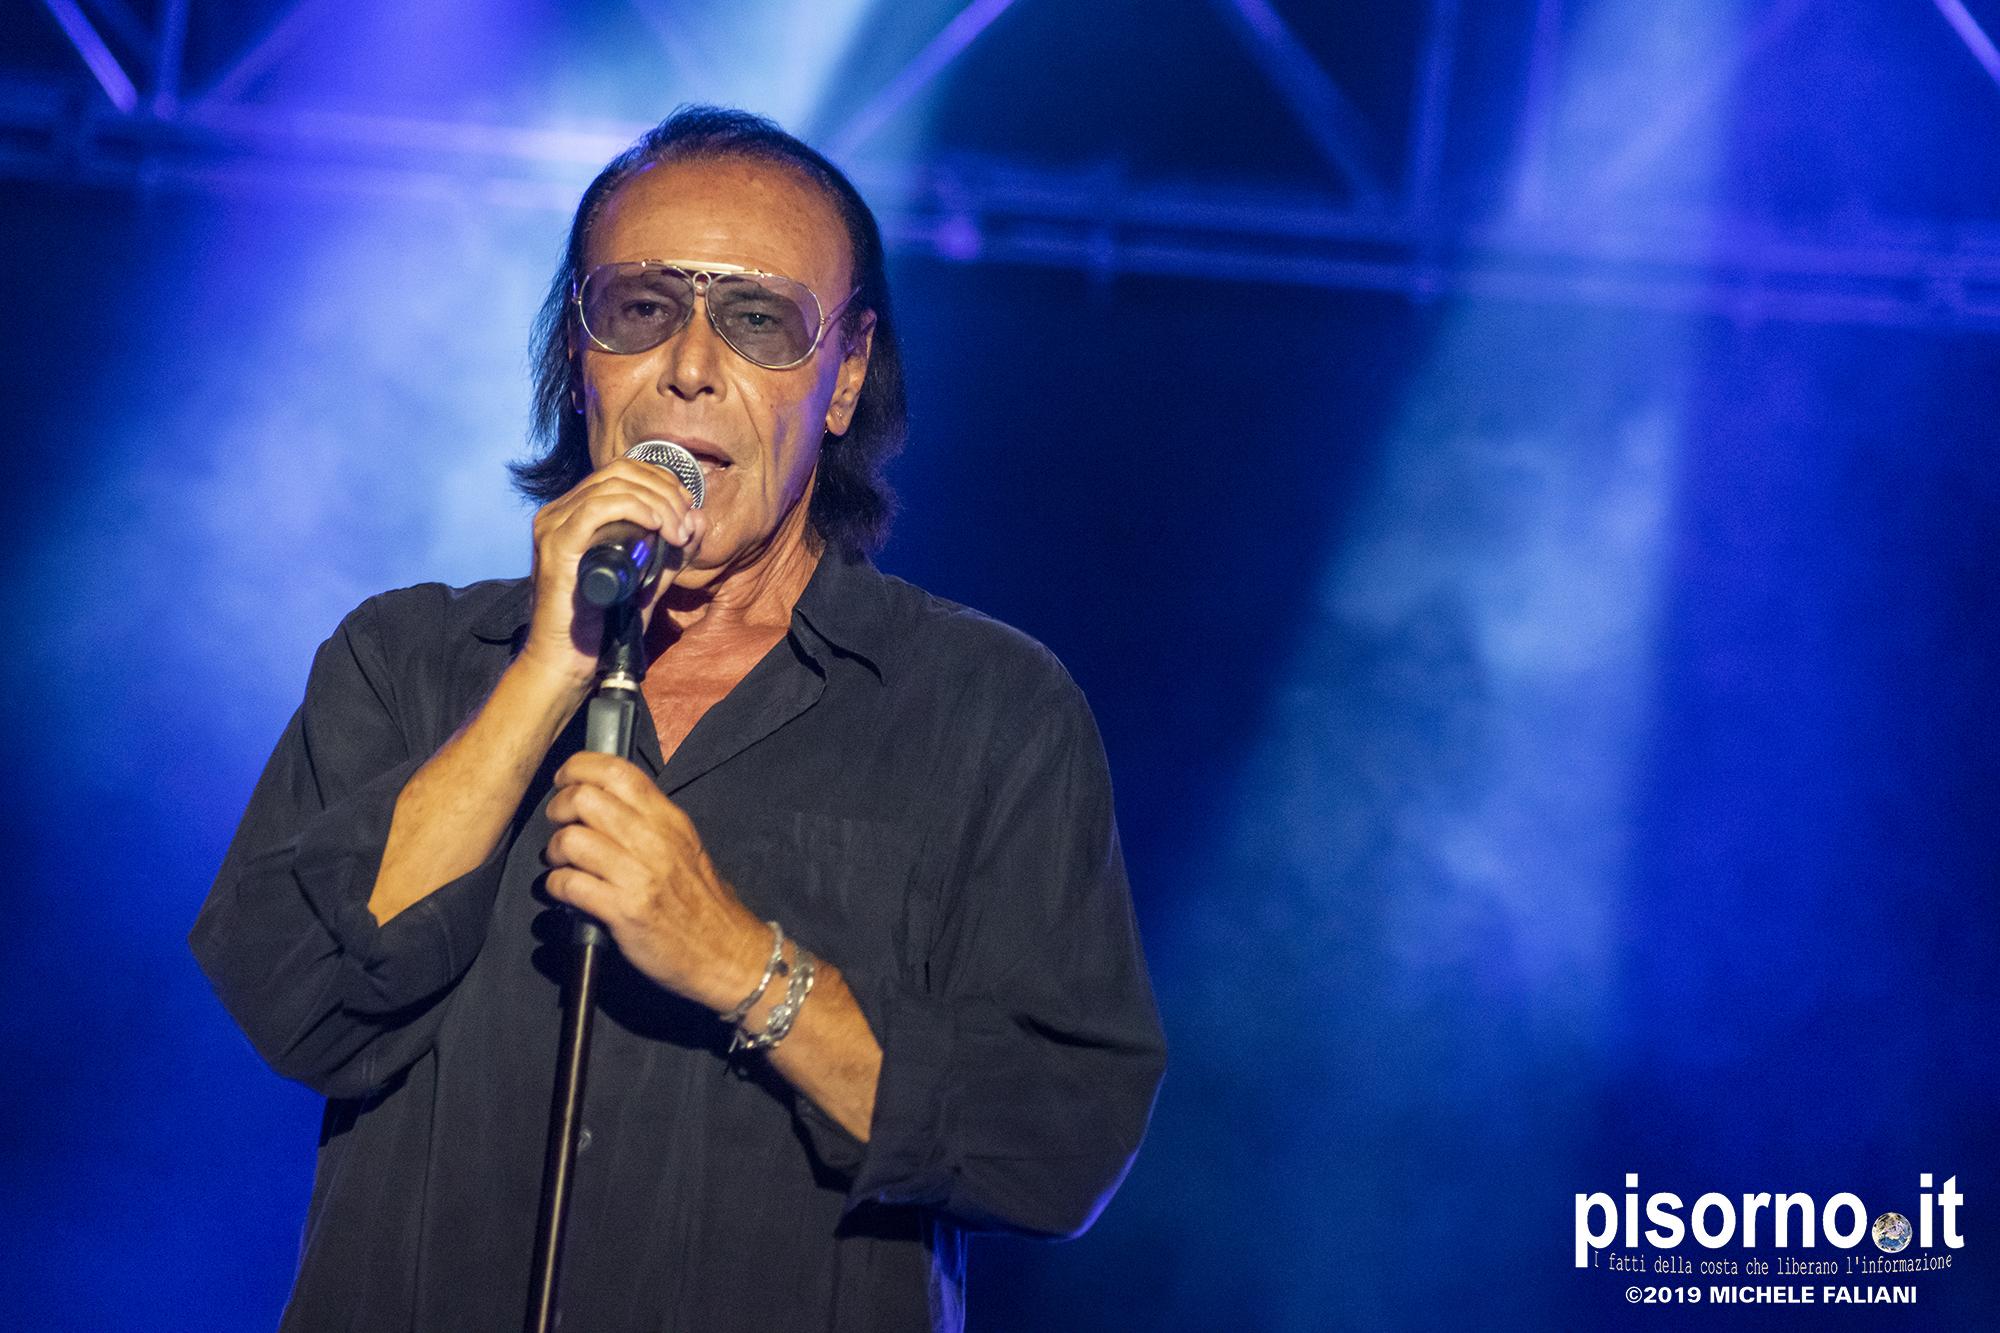 Antonello Venditti live @ Castiglioncello FeAntonello Venditti live @ Castiglioncello Festival, 18 Agosto 2019stival, 18 Agosto 2019